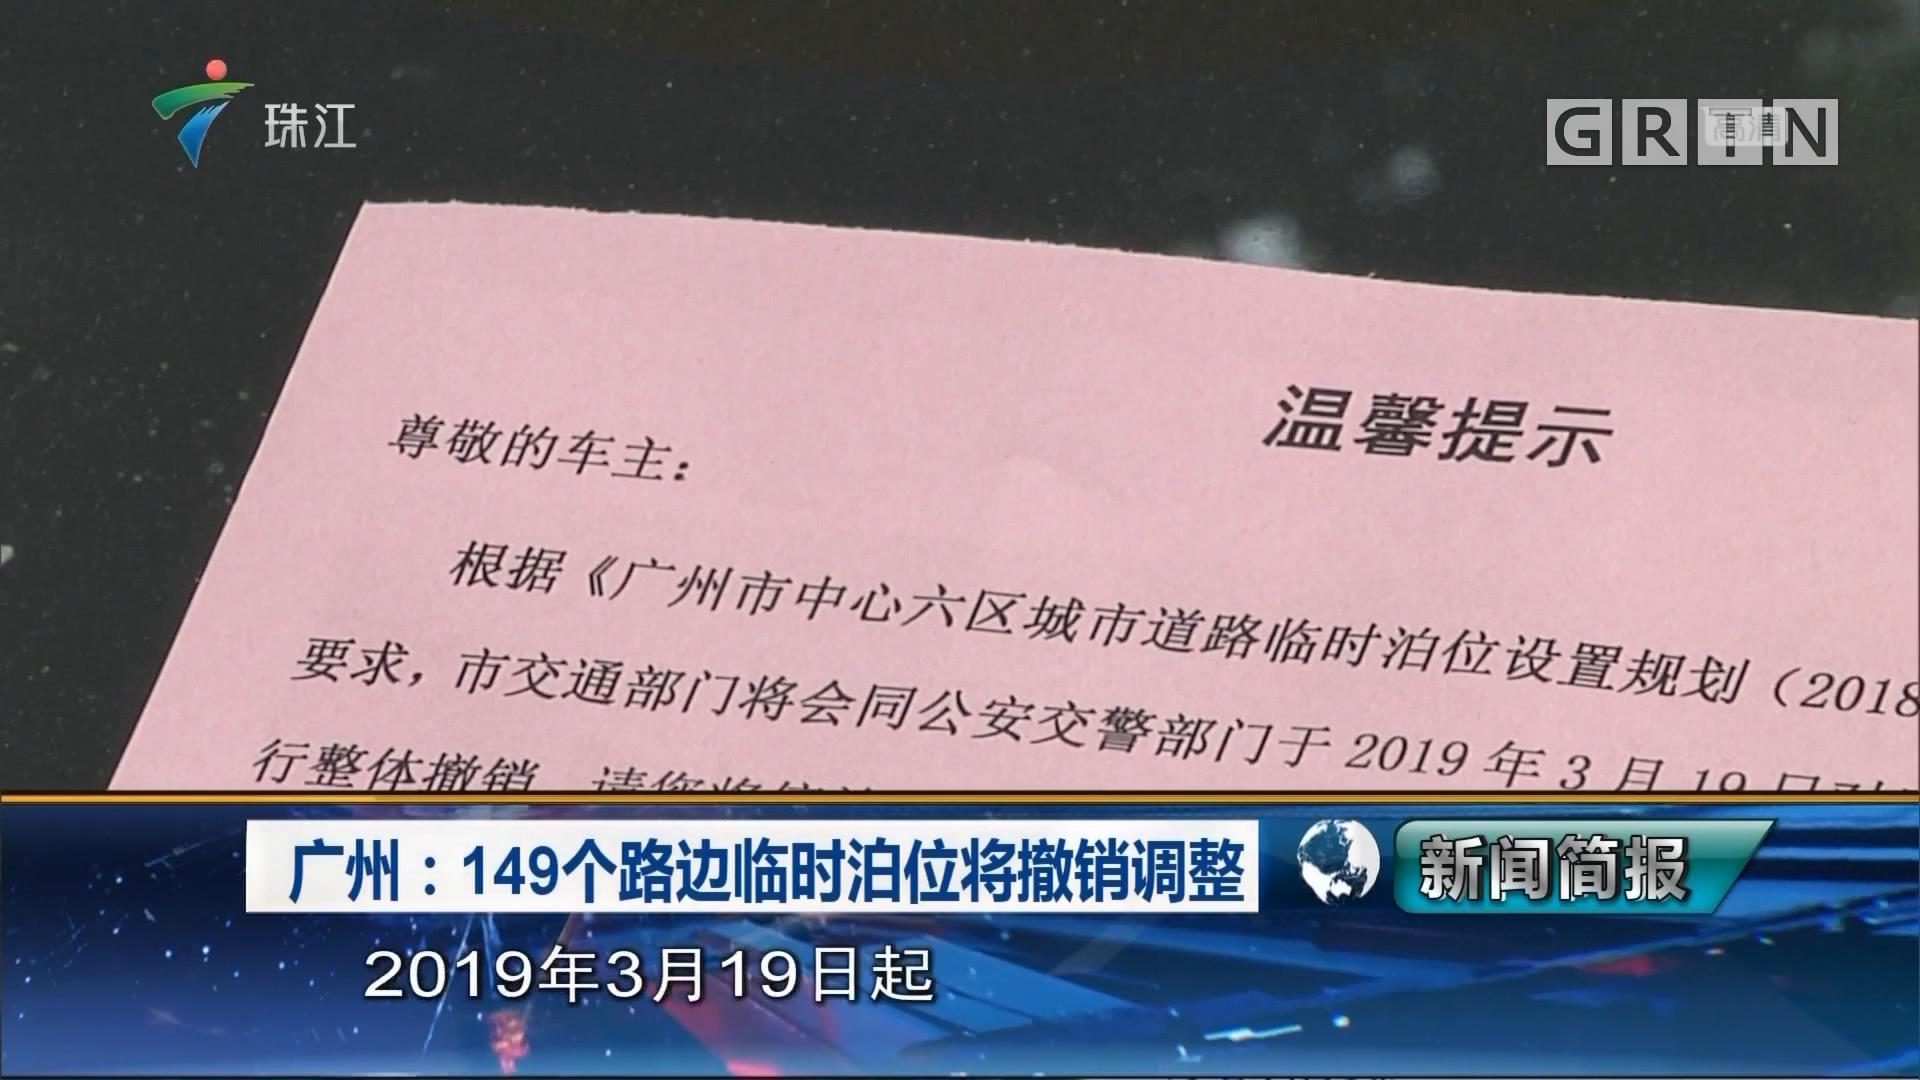 广州:149个路边临时泊位将撤销调整